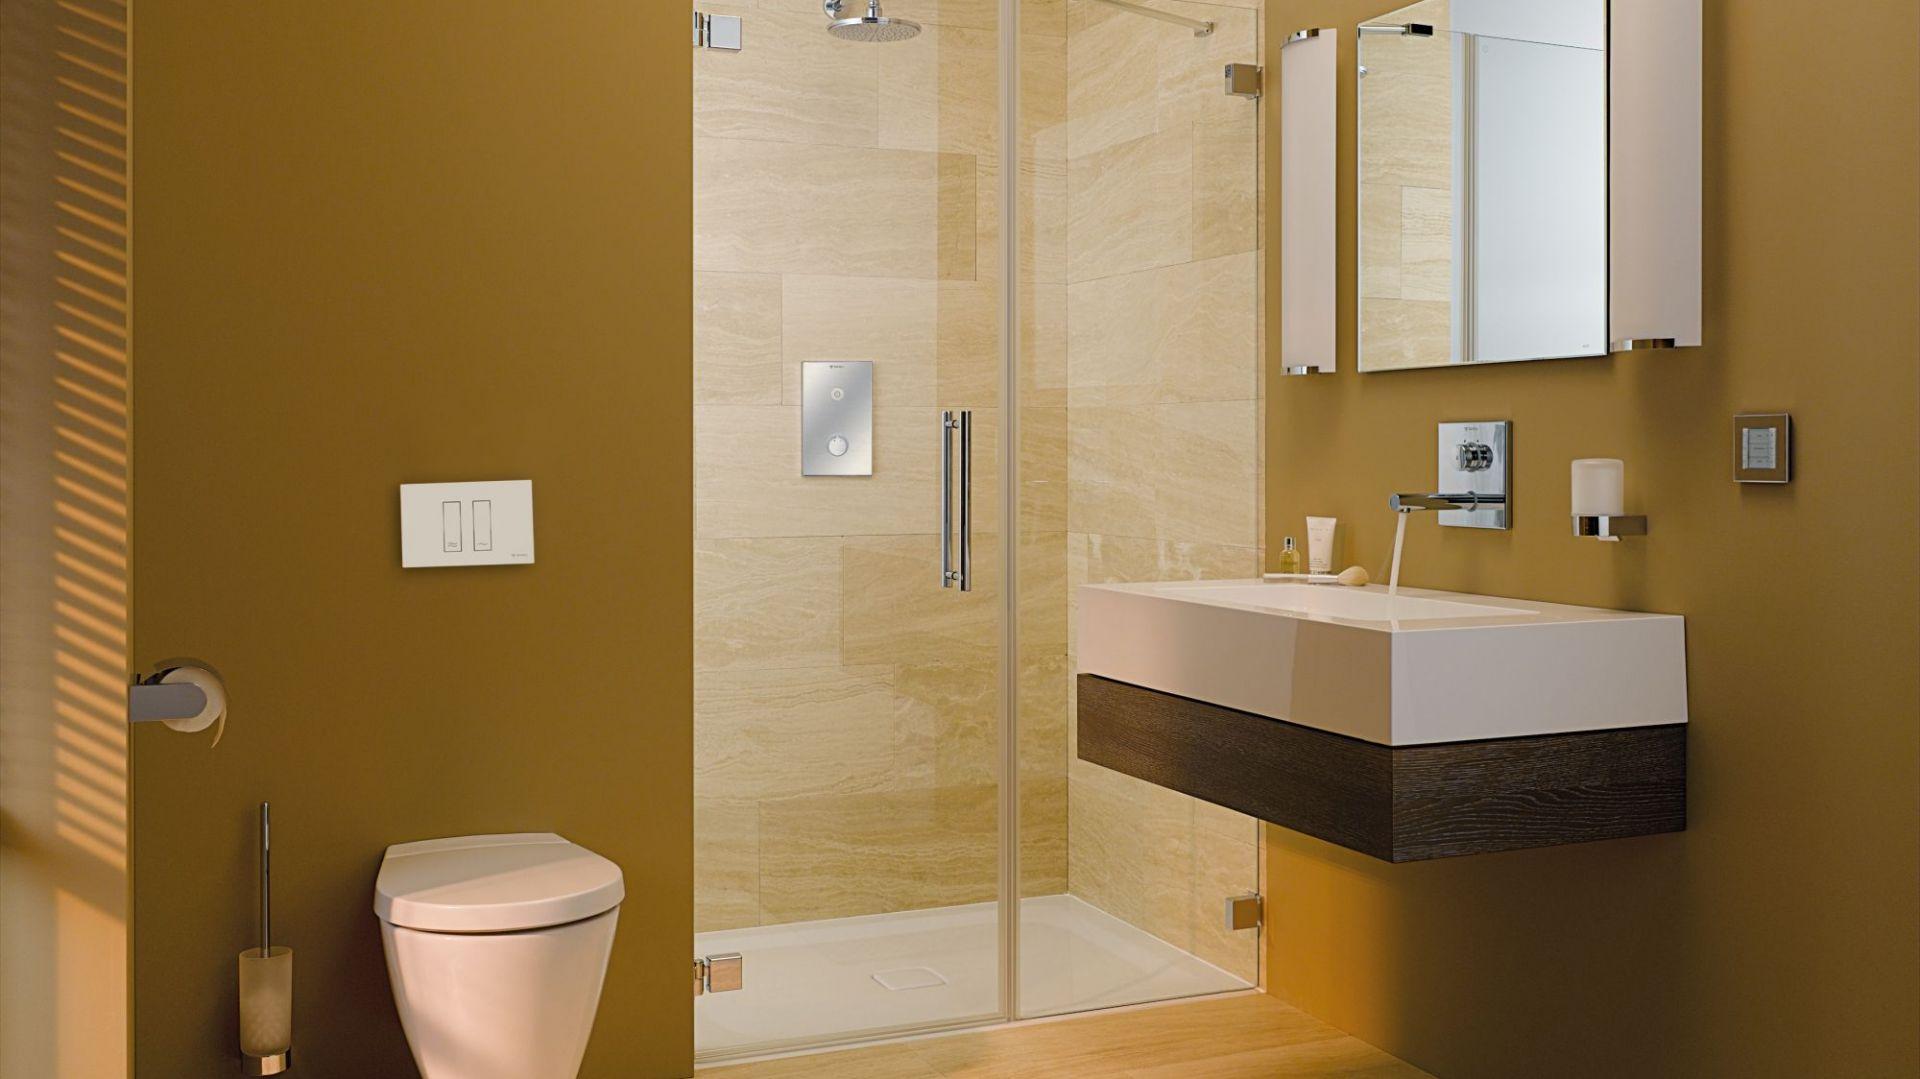 Aranżacja łazienki - przycisk spłukujący Tower. Fot. Schell